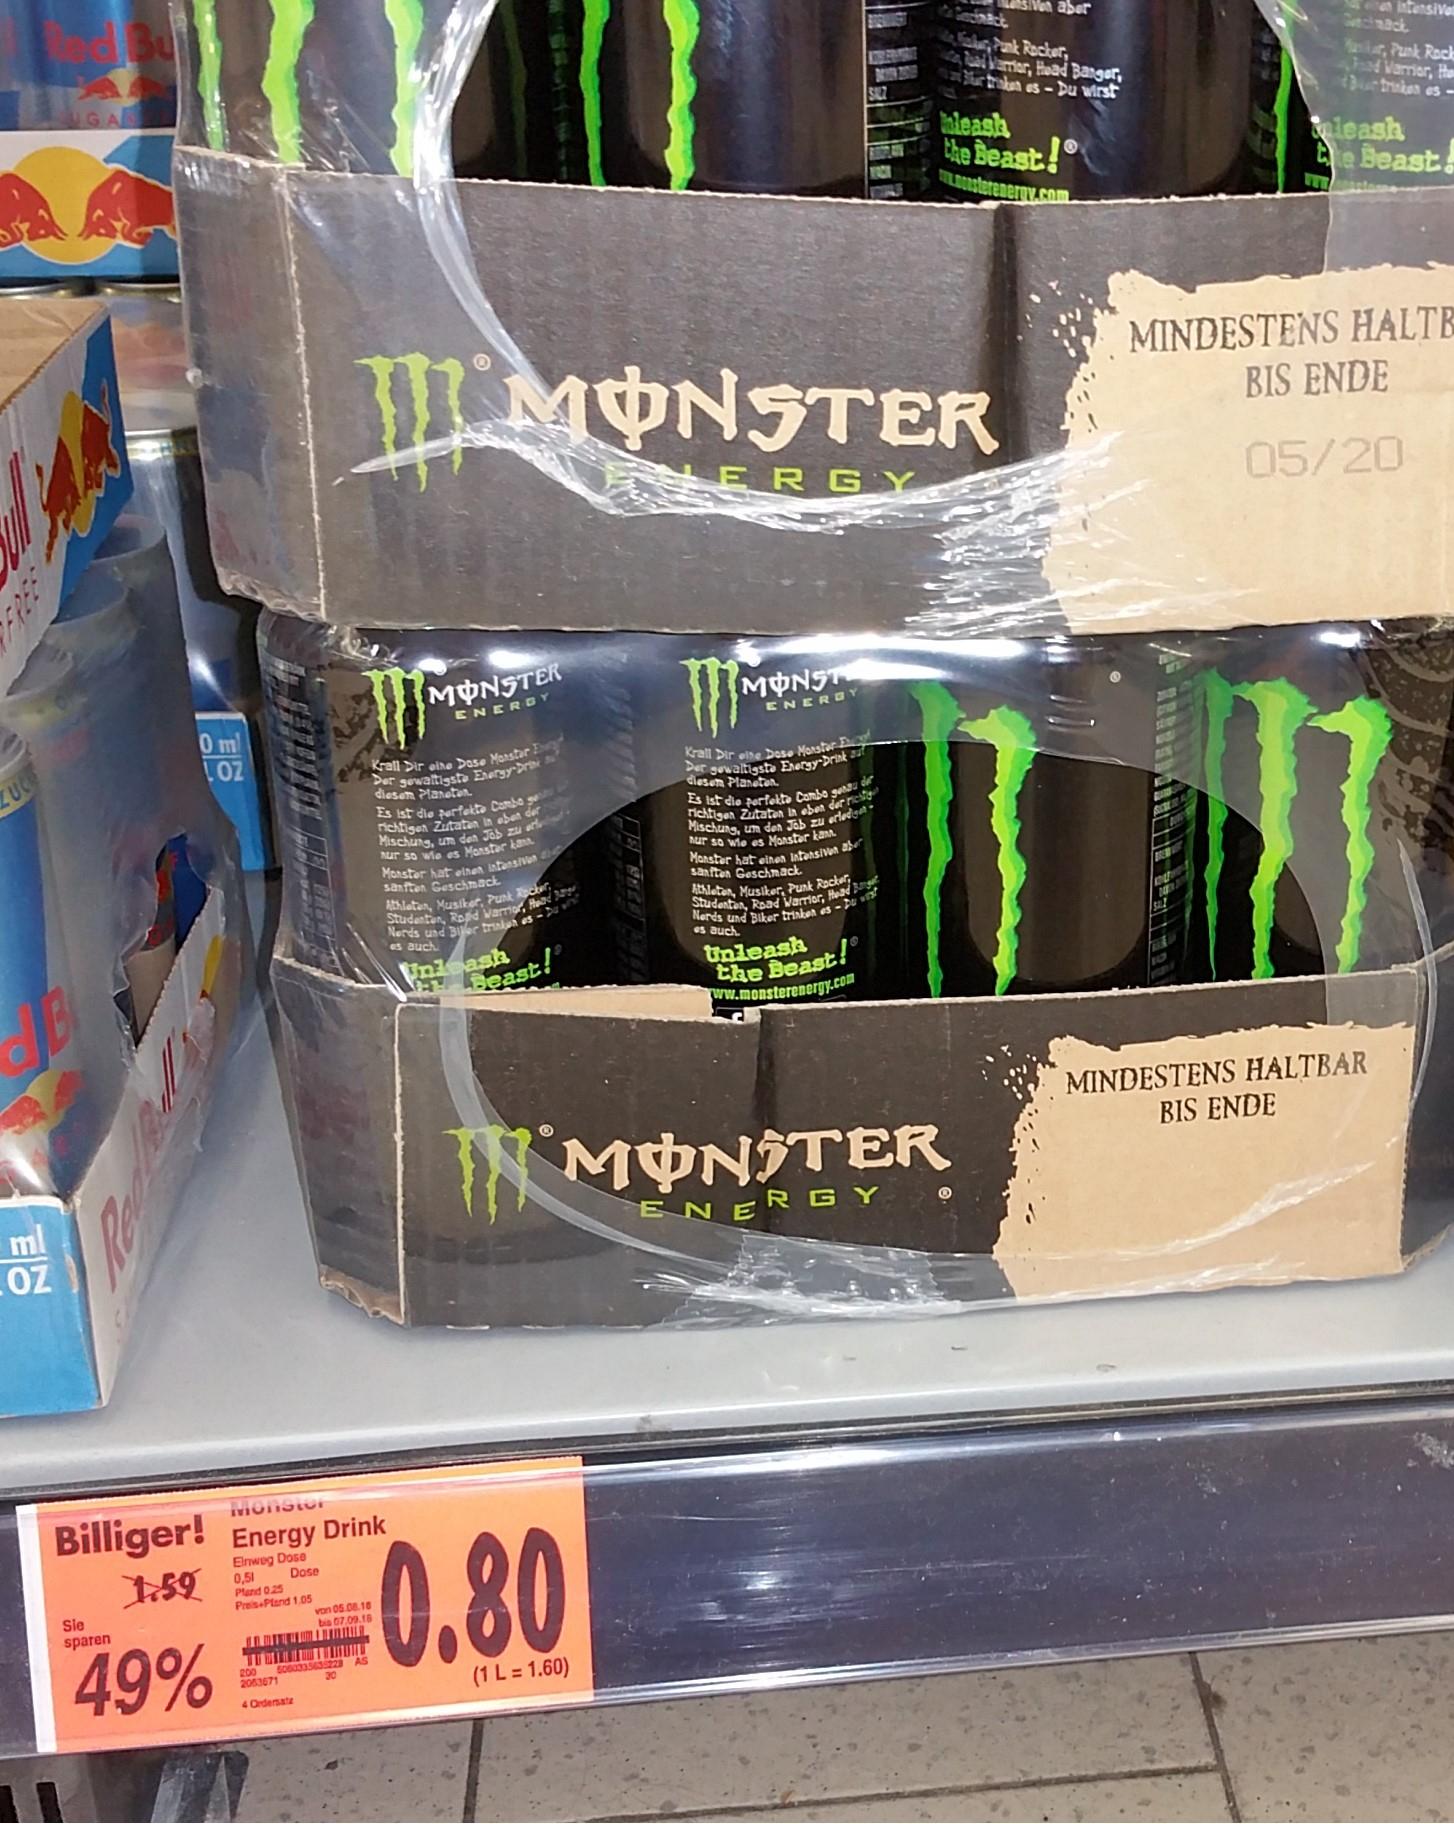 [Bundesweiter Abverkauf?] Monster Energy 500ml 0,80€ bei Kaufland